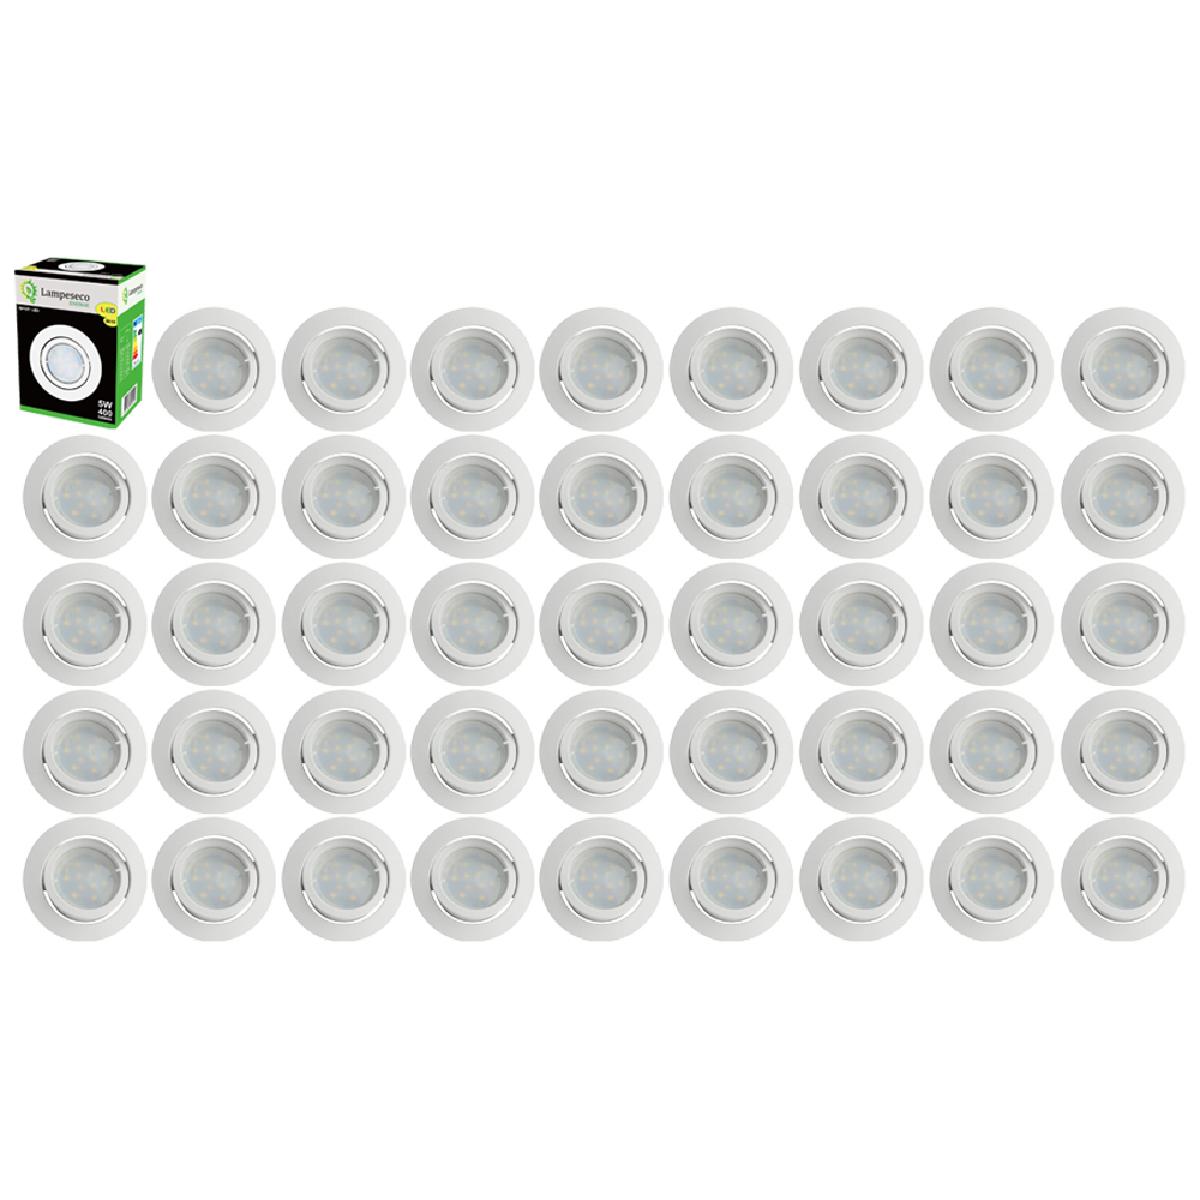 Eurobryte Lot de 40 Spot Led Encastrable Complete Blanc Orientable lumière Blanc Chaud eq. 50W ref.193